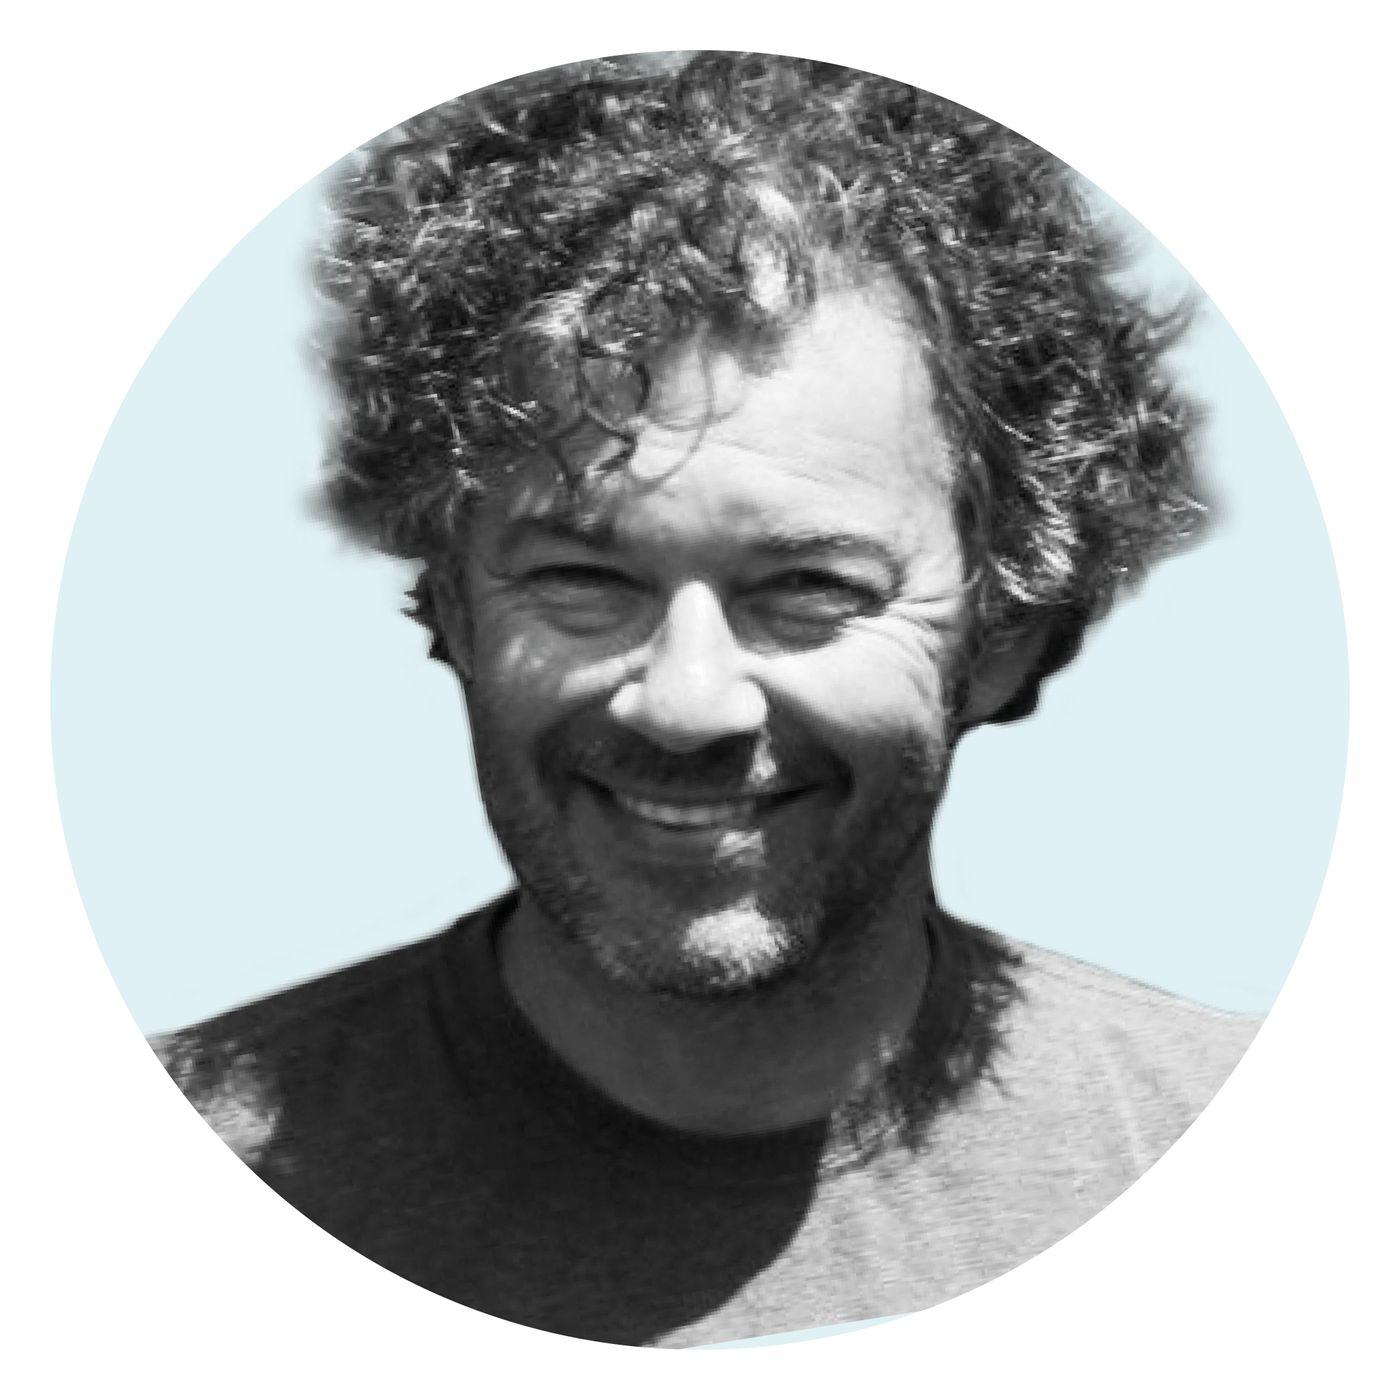 Falk Alvarez